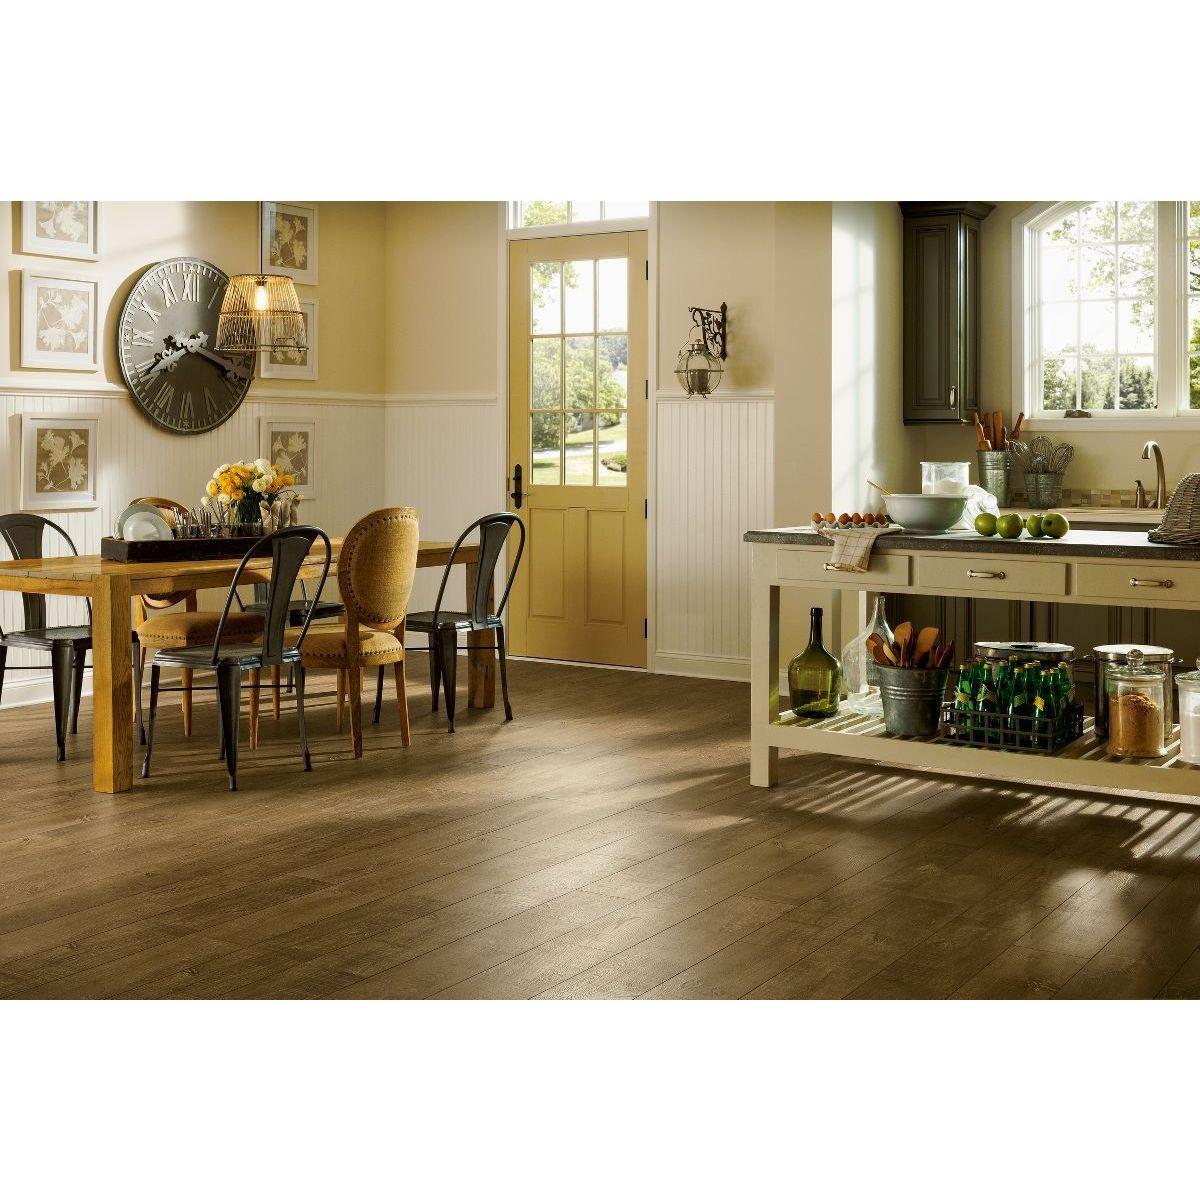 Armstrong Rustics Premium Laminate 15.14 Square Feet per ...